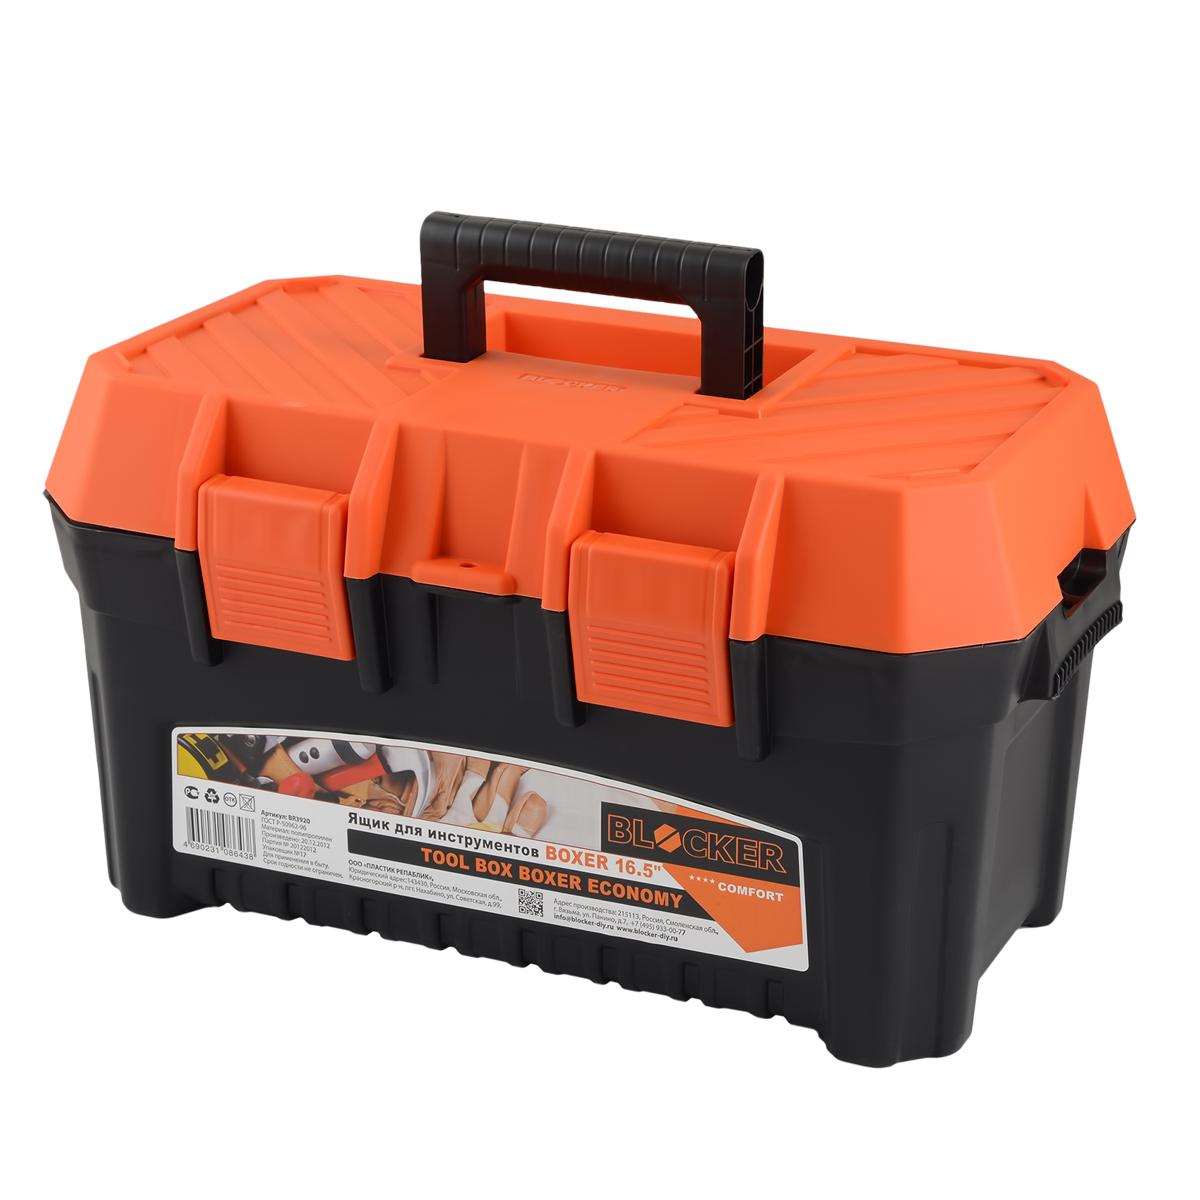 Ящик для инструментов Blocker Boxer Economy, цвет: черный, оранжевый, 420 х 250 х 230 ммBR3920ЧРОРПростой, вместительный ящик для инструментов. Внутренний лоток с ручкой. Уникальная конструкция замка надежно защищает ящик от случайного раскрытия. Вы можете выбрать удобную плоскую крышку (выдерживает нагрузку сидящего человека до 80 кг) или крышку, снабженную блоками для хранения мелких скобяных изделий. По бокам ящиков отверстия для навесного ремня.